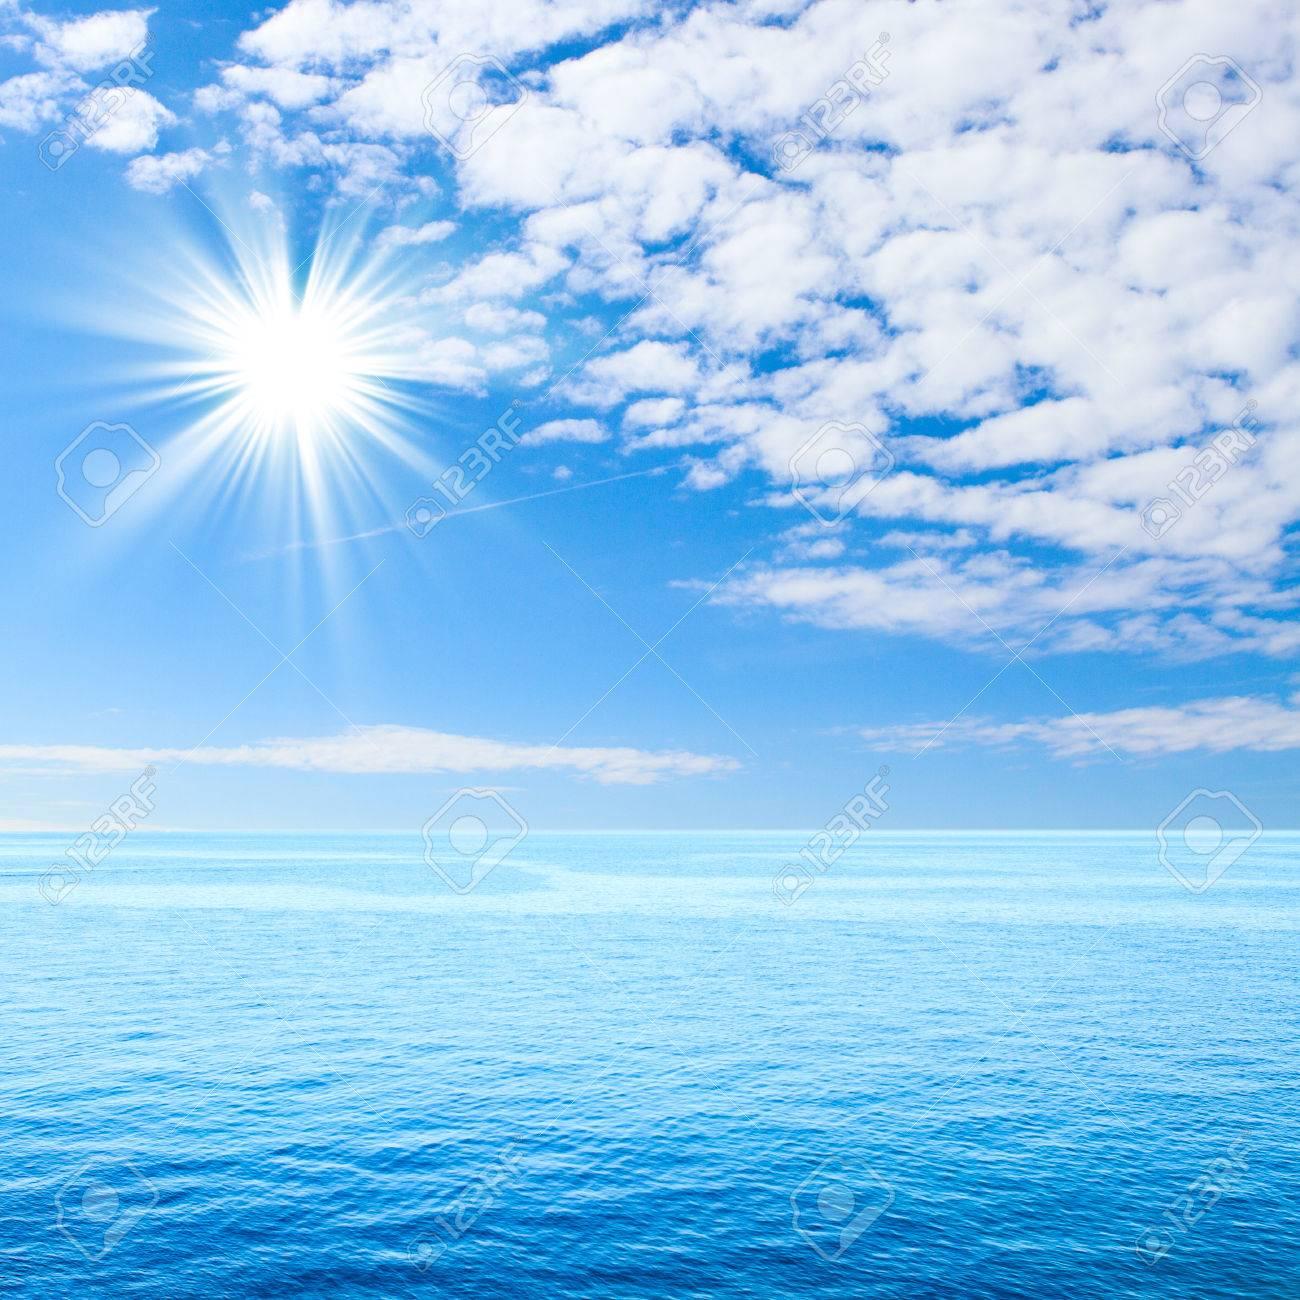 Bleu Mer Et Les Nuages Sur La Plage De Ciel Et Mer Tropicale Plage Deserte Pour Le Produit Montage Texture Fond D Ecran Support Pour Vitrine De Produits Banque D Images Et Photos Libres